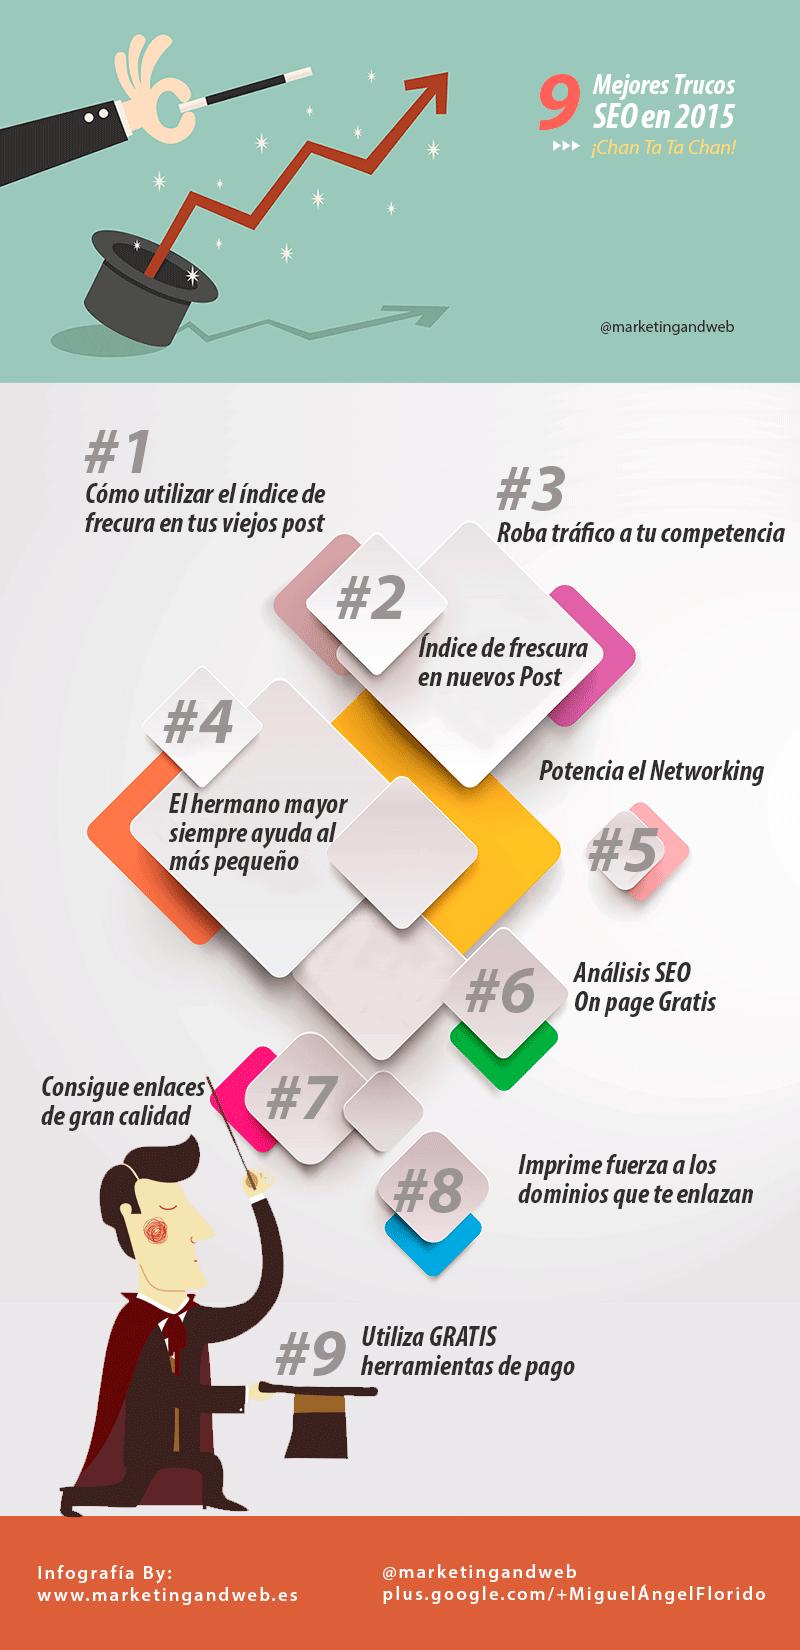 infografía de los Mejores Trucos SEO en 2015